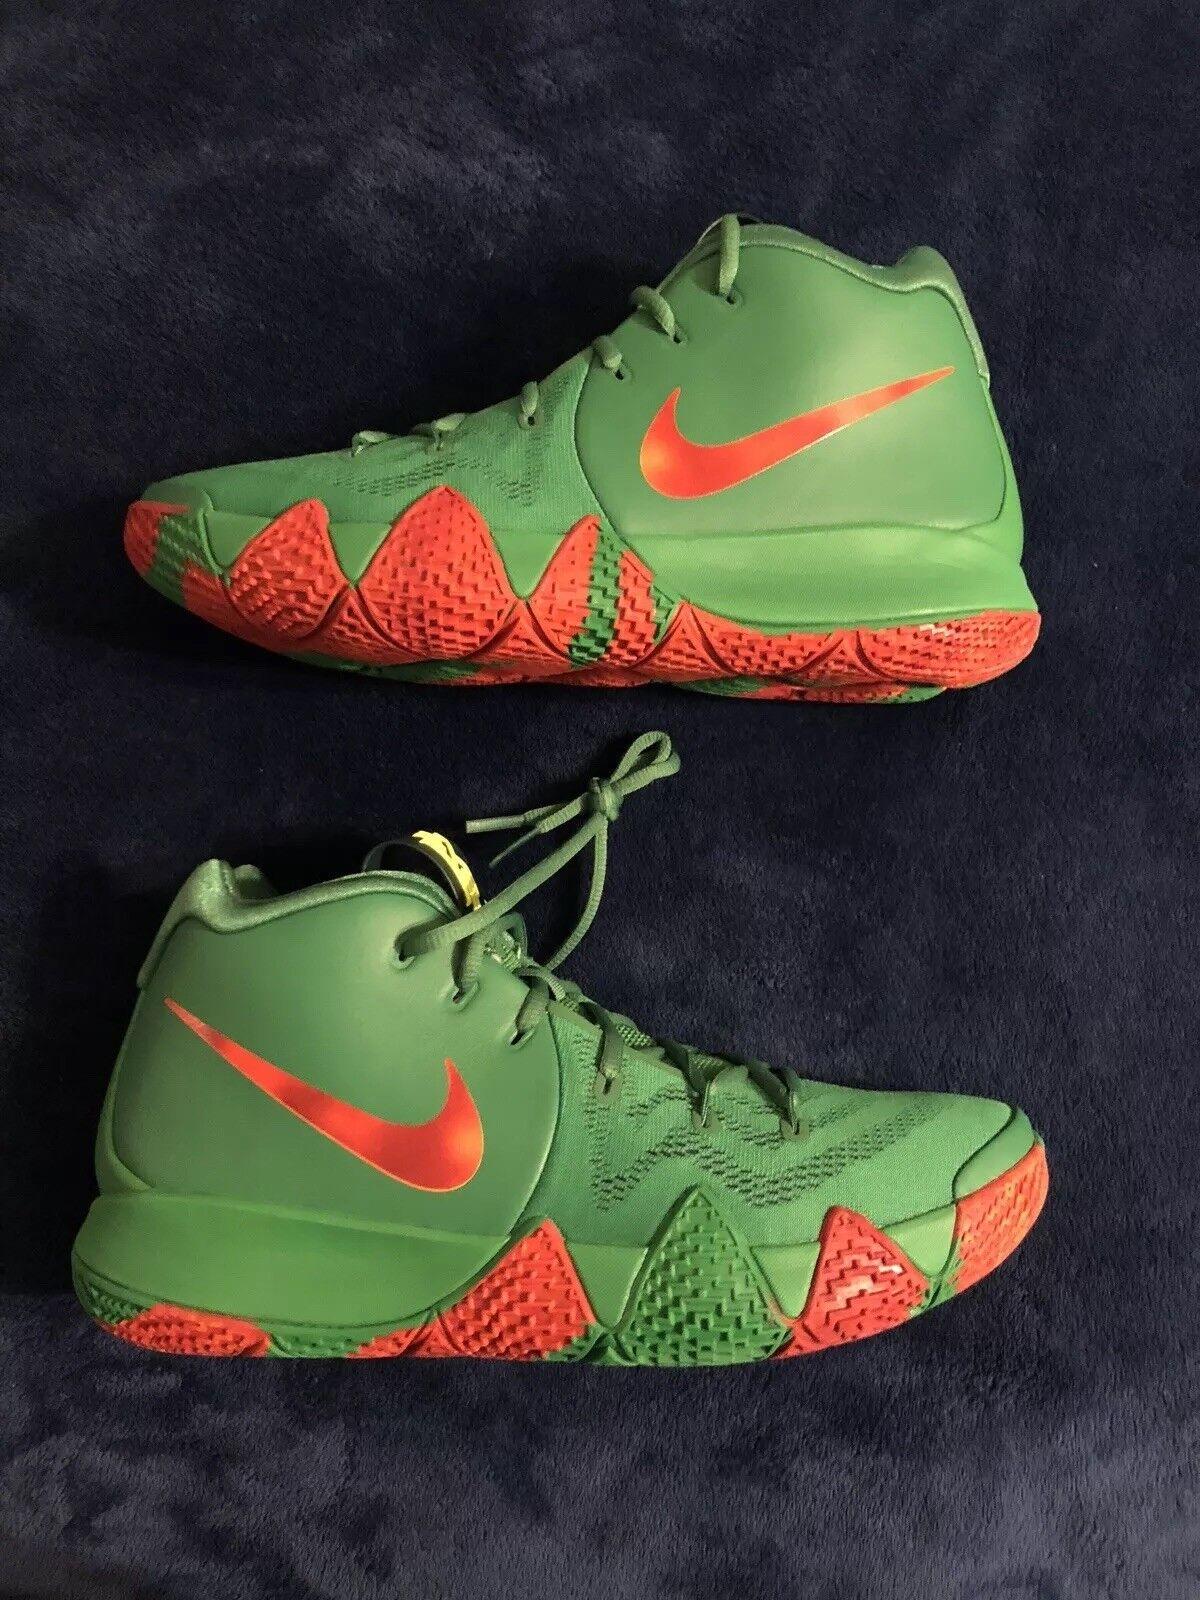 Nike Kyrie Irving 4 de follaje de otoño p.e. comodo zapatos baratos zapatos de mujer zapatos comodo de mujer 9e51d3